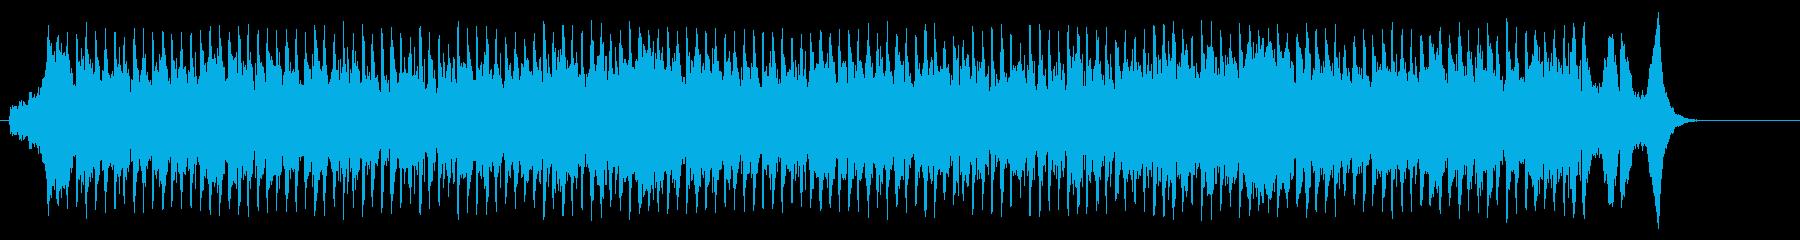 若者を式典で称えるマーチ風/クラシックの再生済みの波形